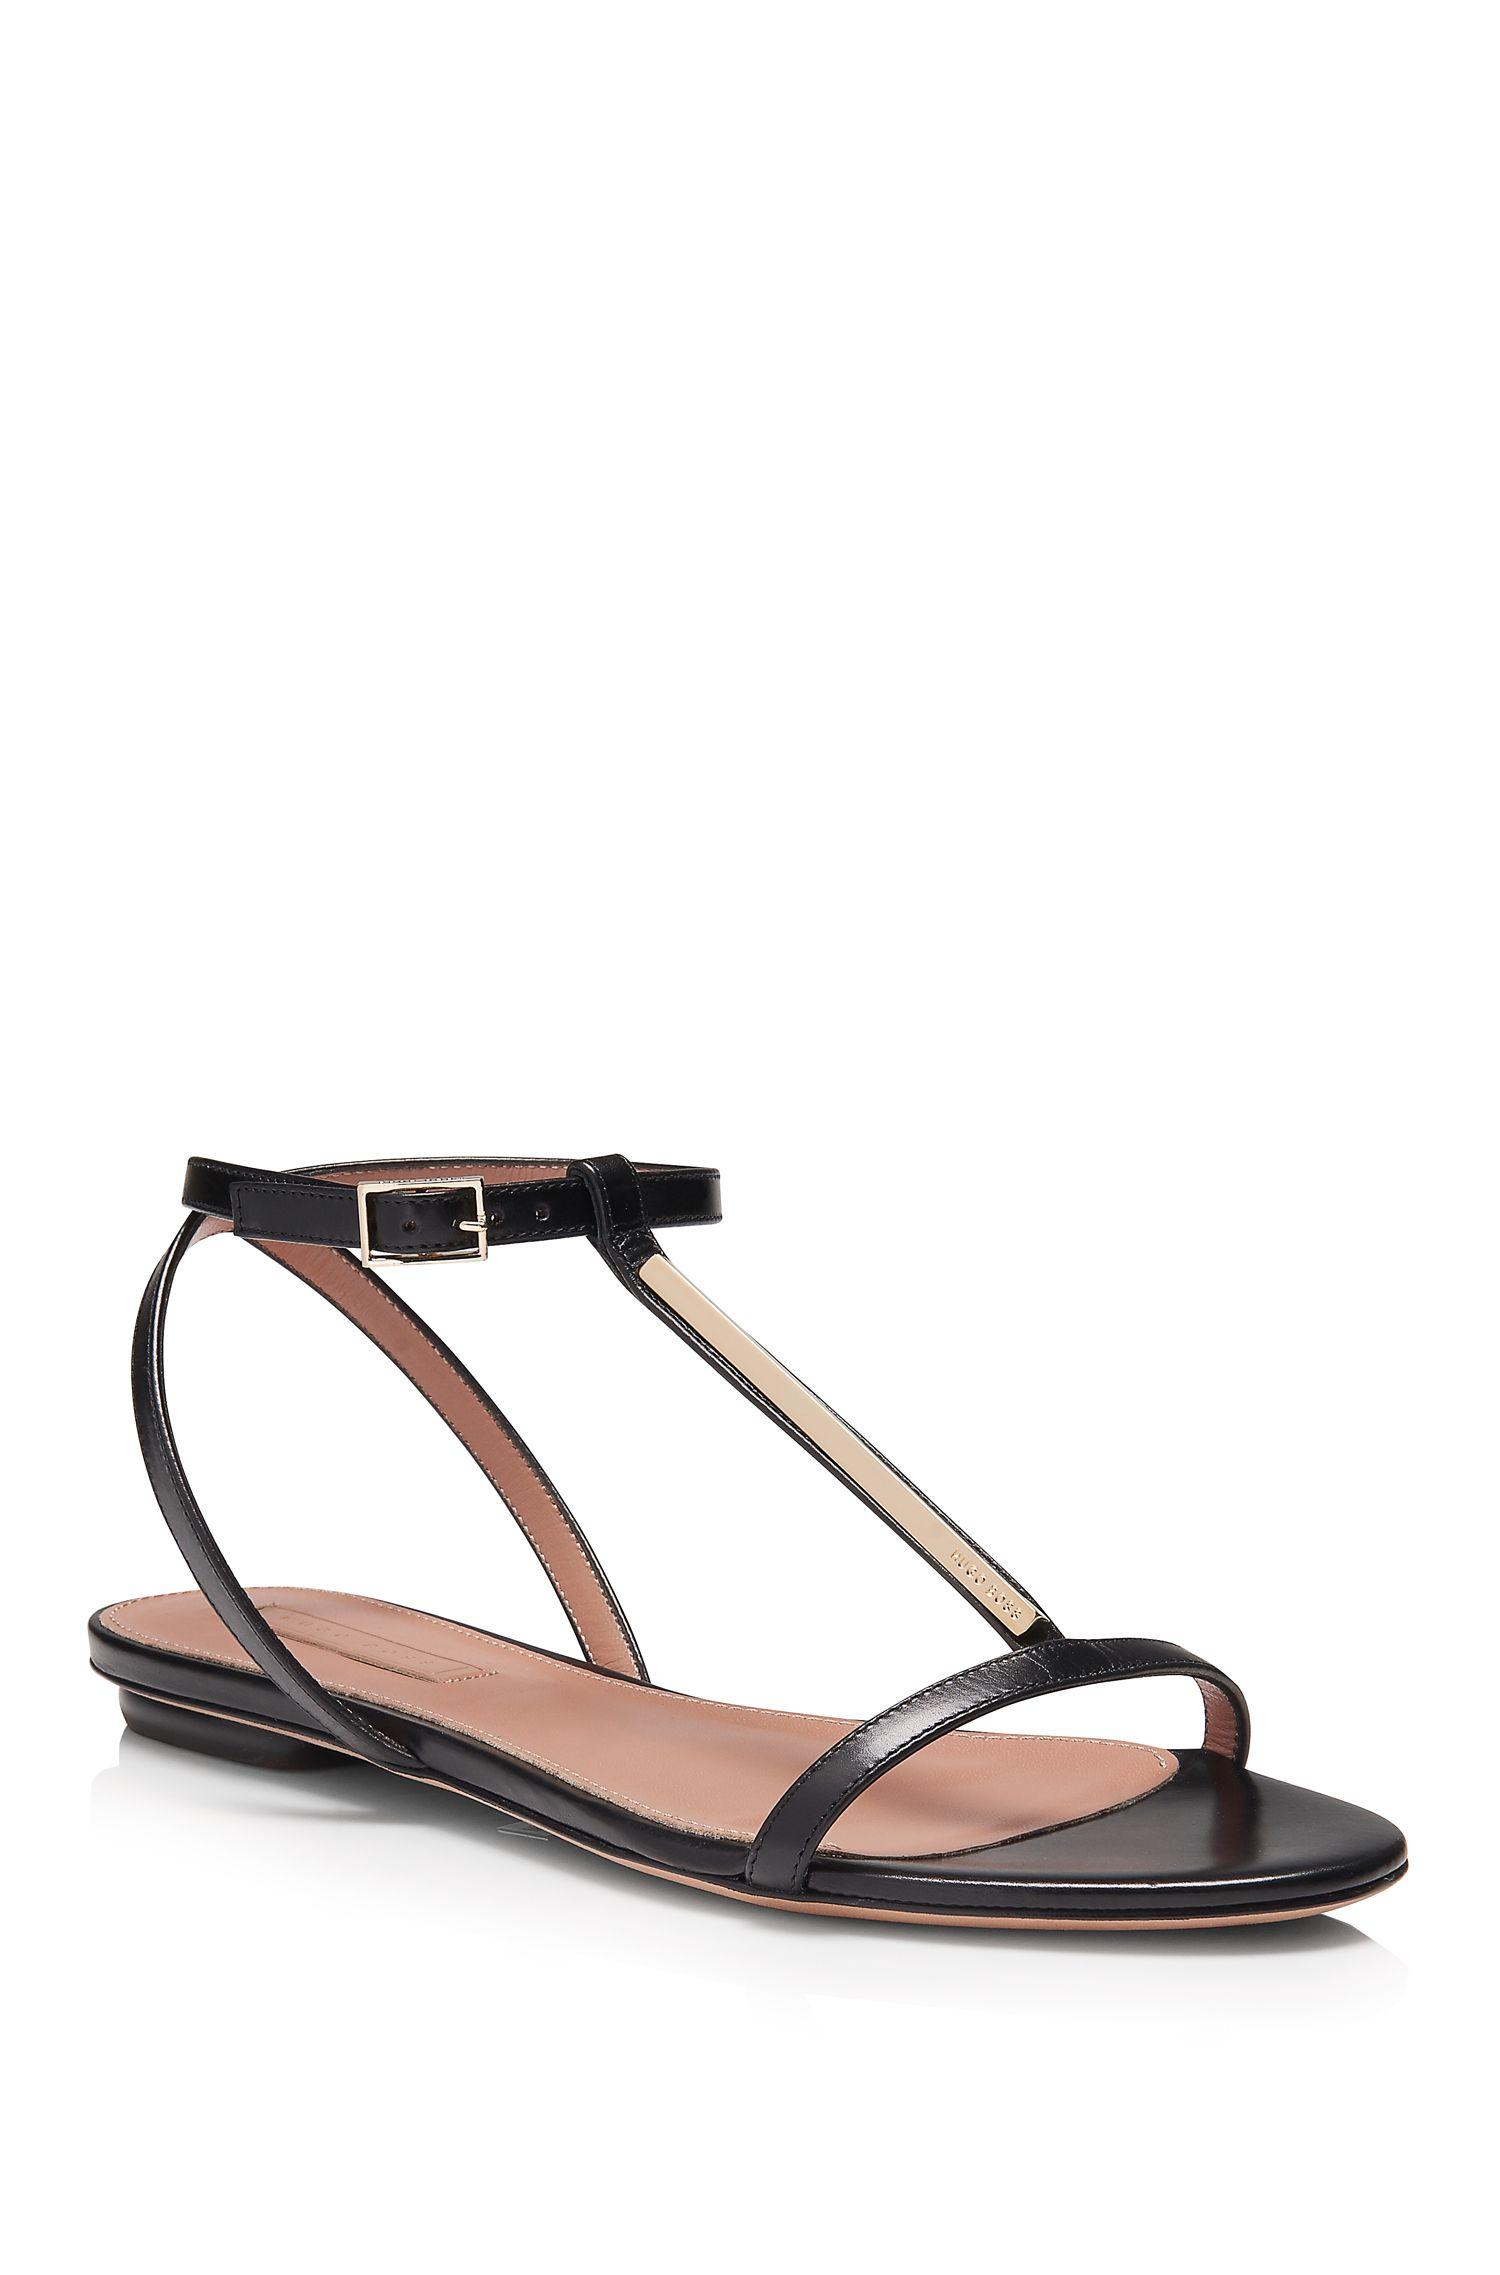 'Staple Sandal Flat' | Italian Calfskin T-Strap Sandal